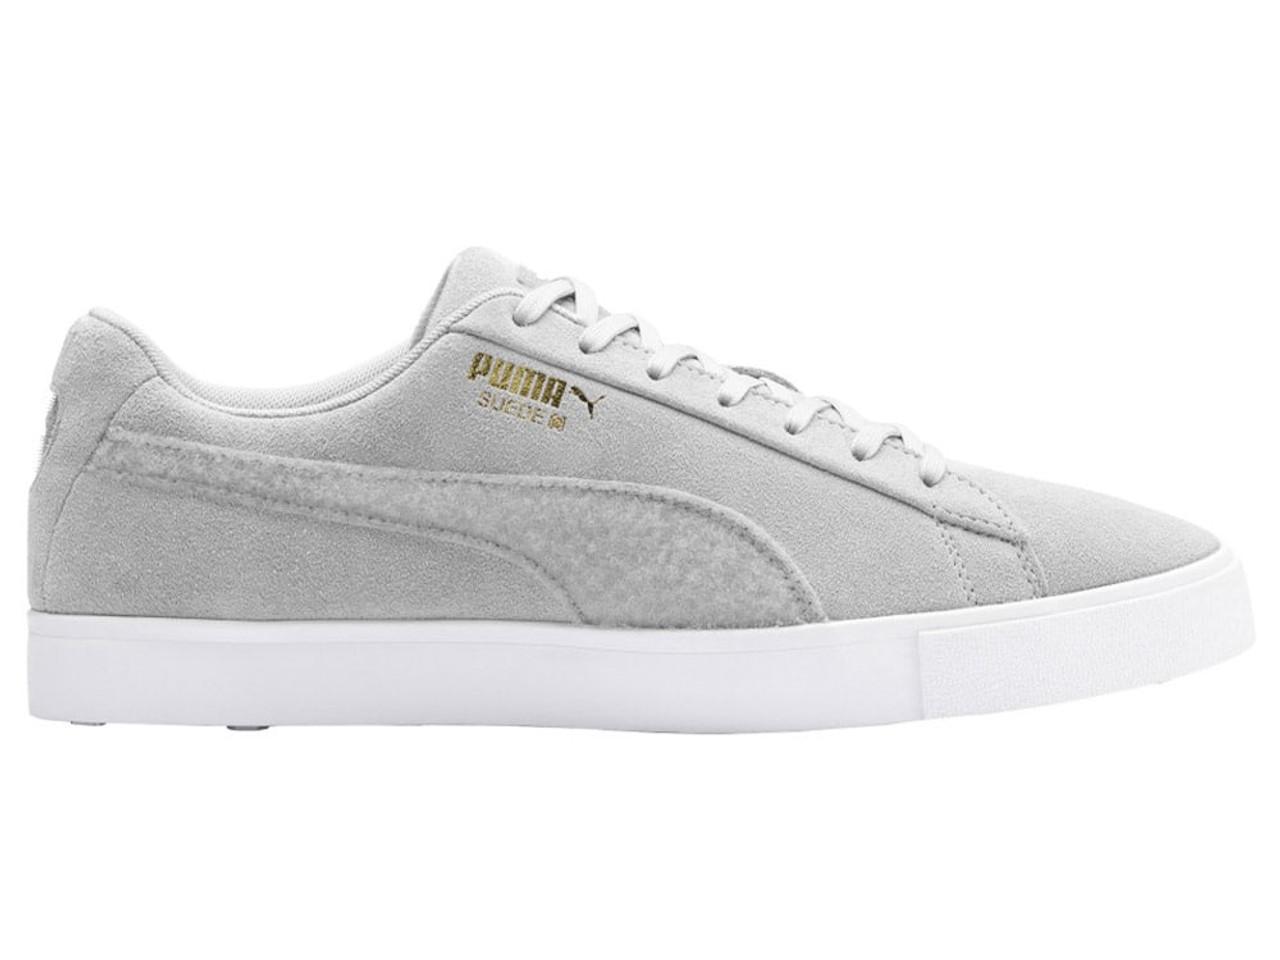 Puma LE Suede G Patch Golf Shoes Quarry